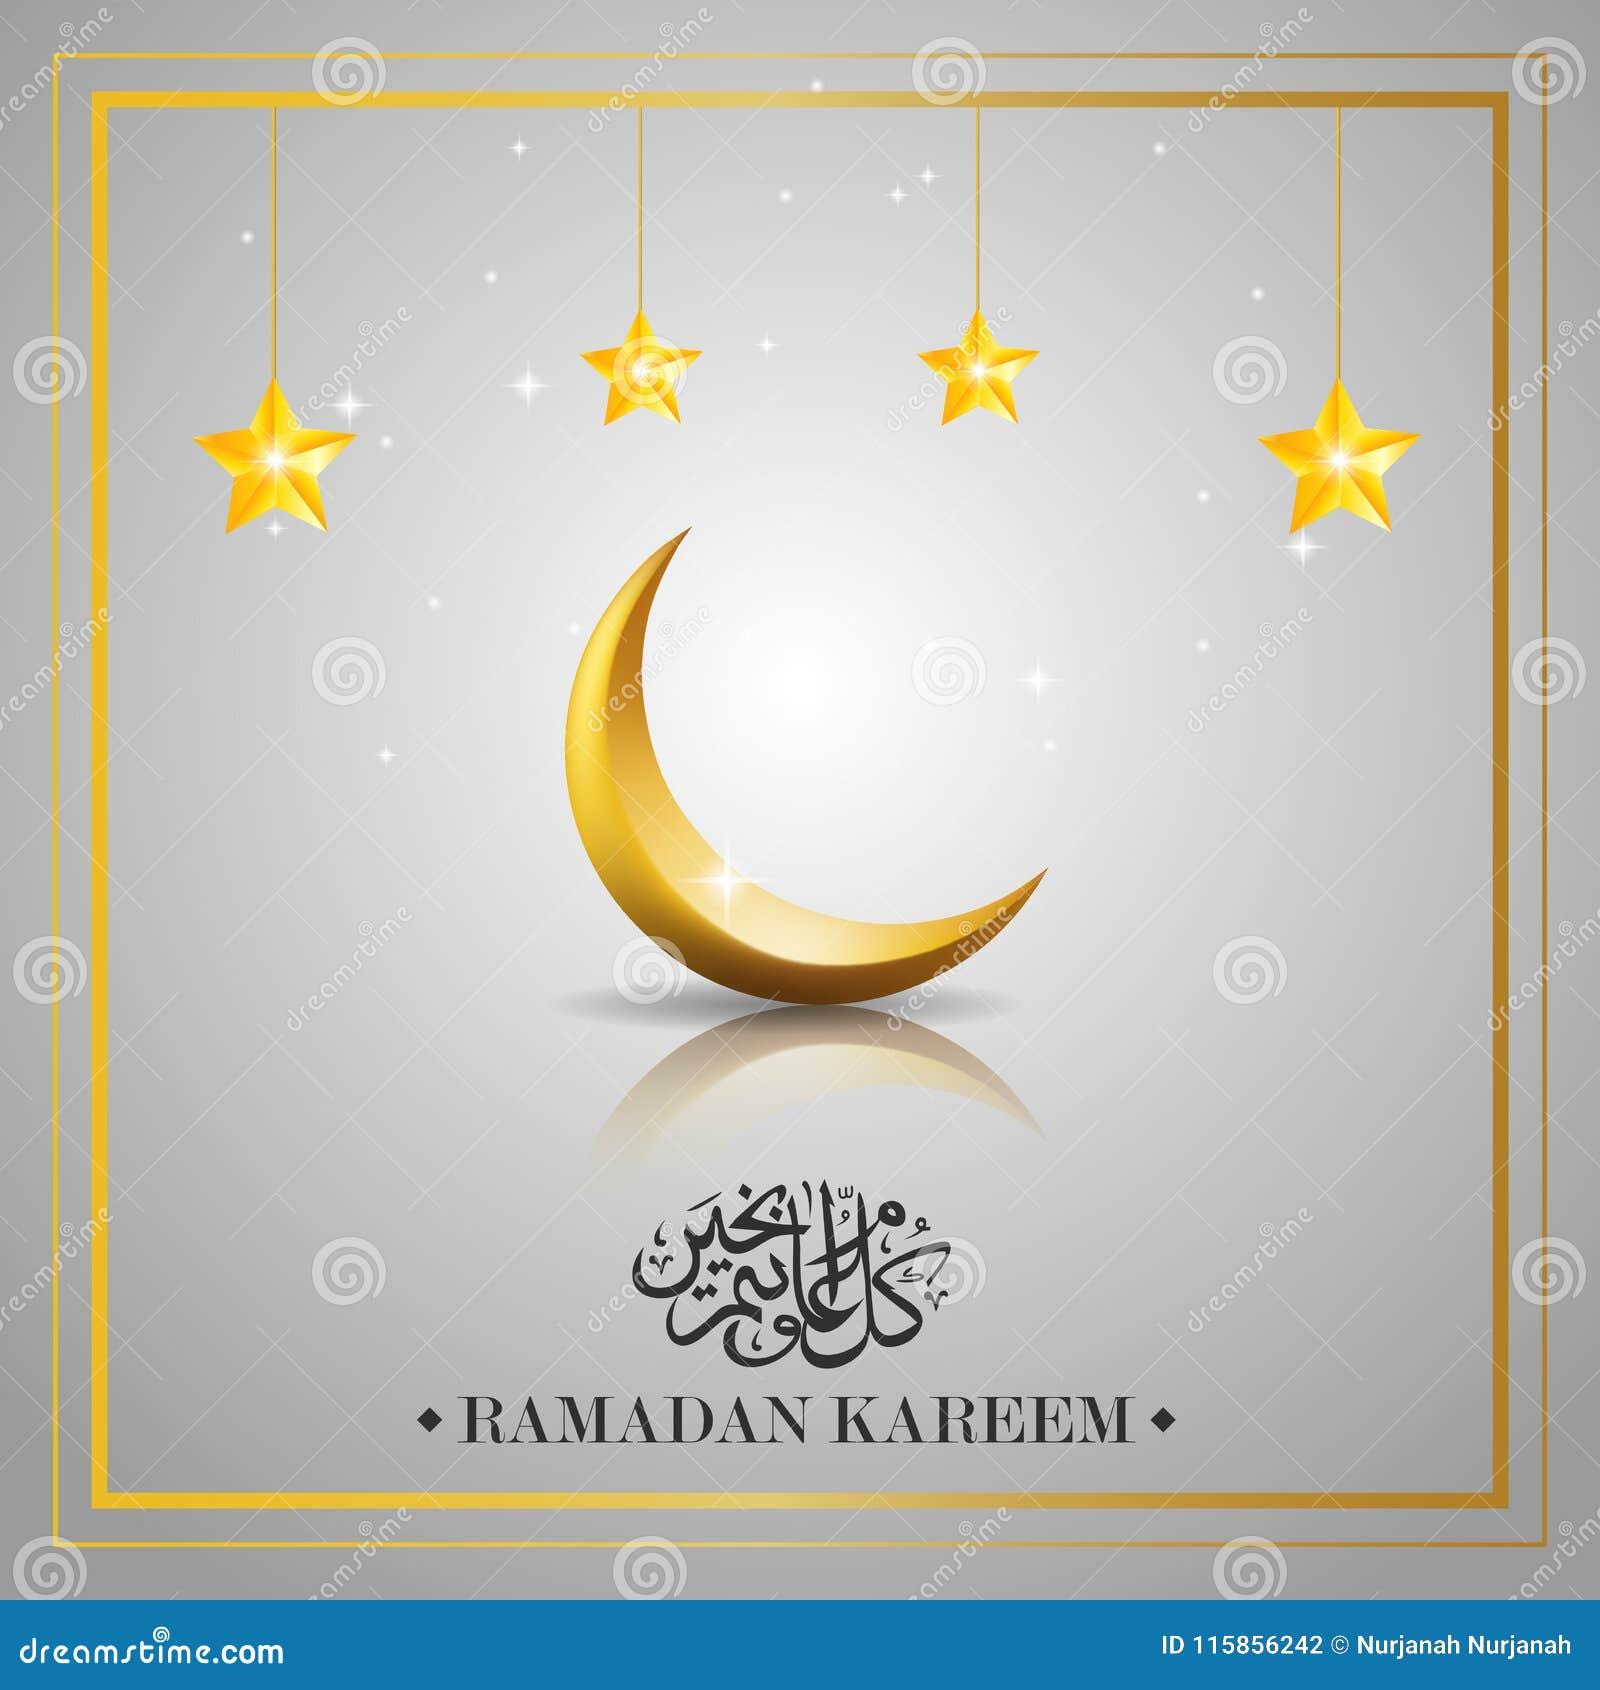 Ramadan kareem islamic greeting with arabic calligraphy stock vector ramadan kareem islamic greeting with arabic calligraphy m4hsunfo